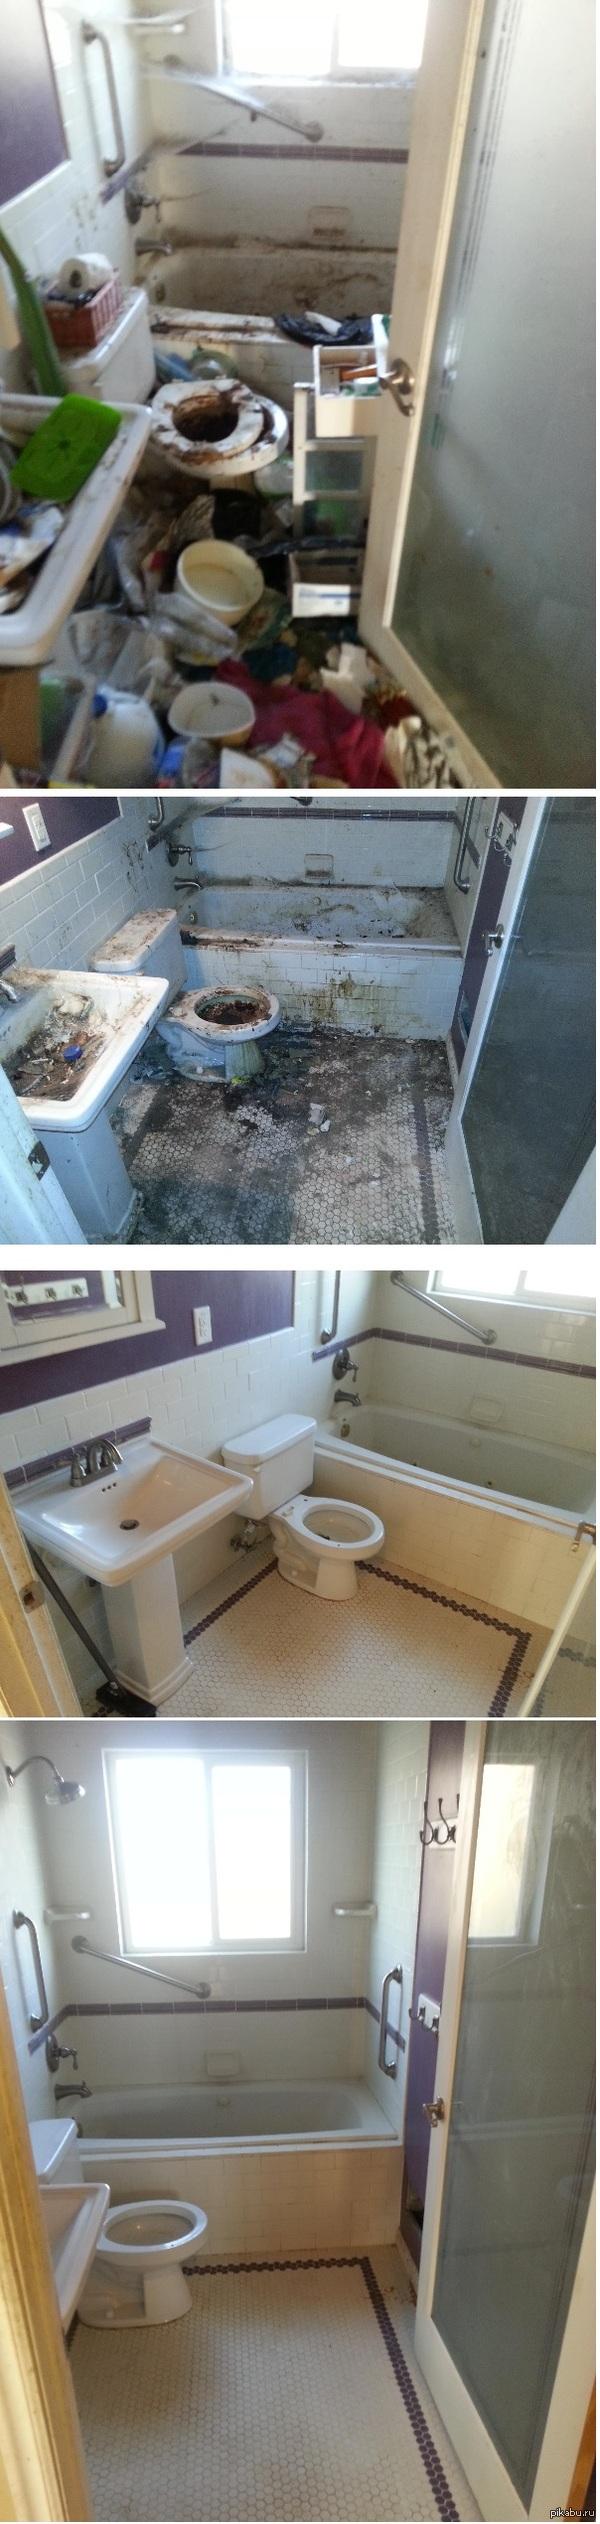 """""""Три стадии чистоты"""" """"... дом пустовал и за это время в нем часто собирались бездомные, выкупили, привели в порядок"""""""